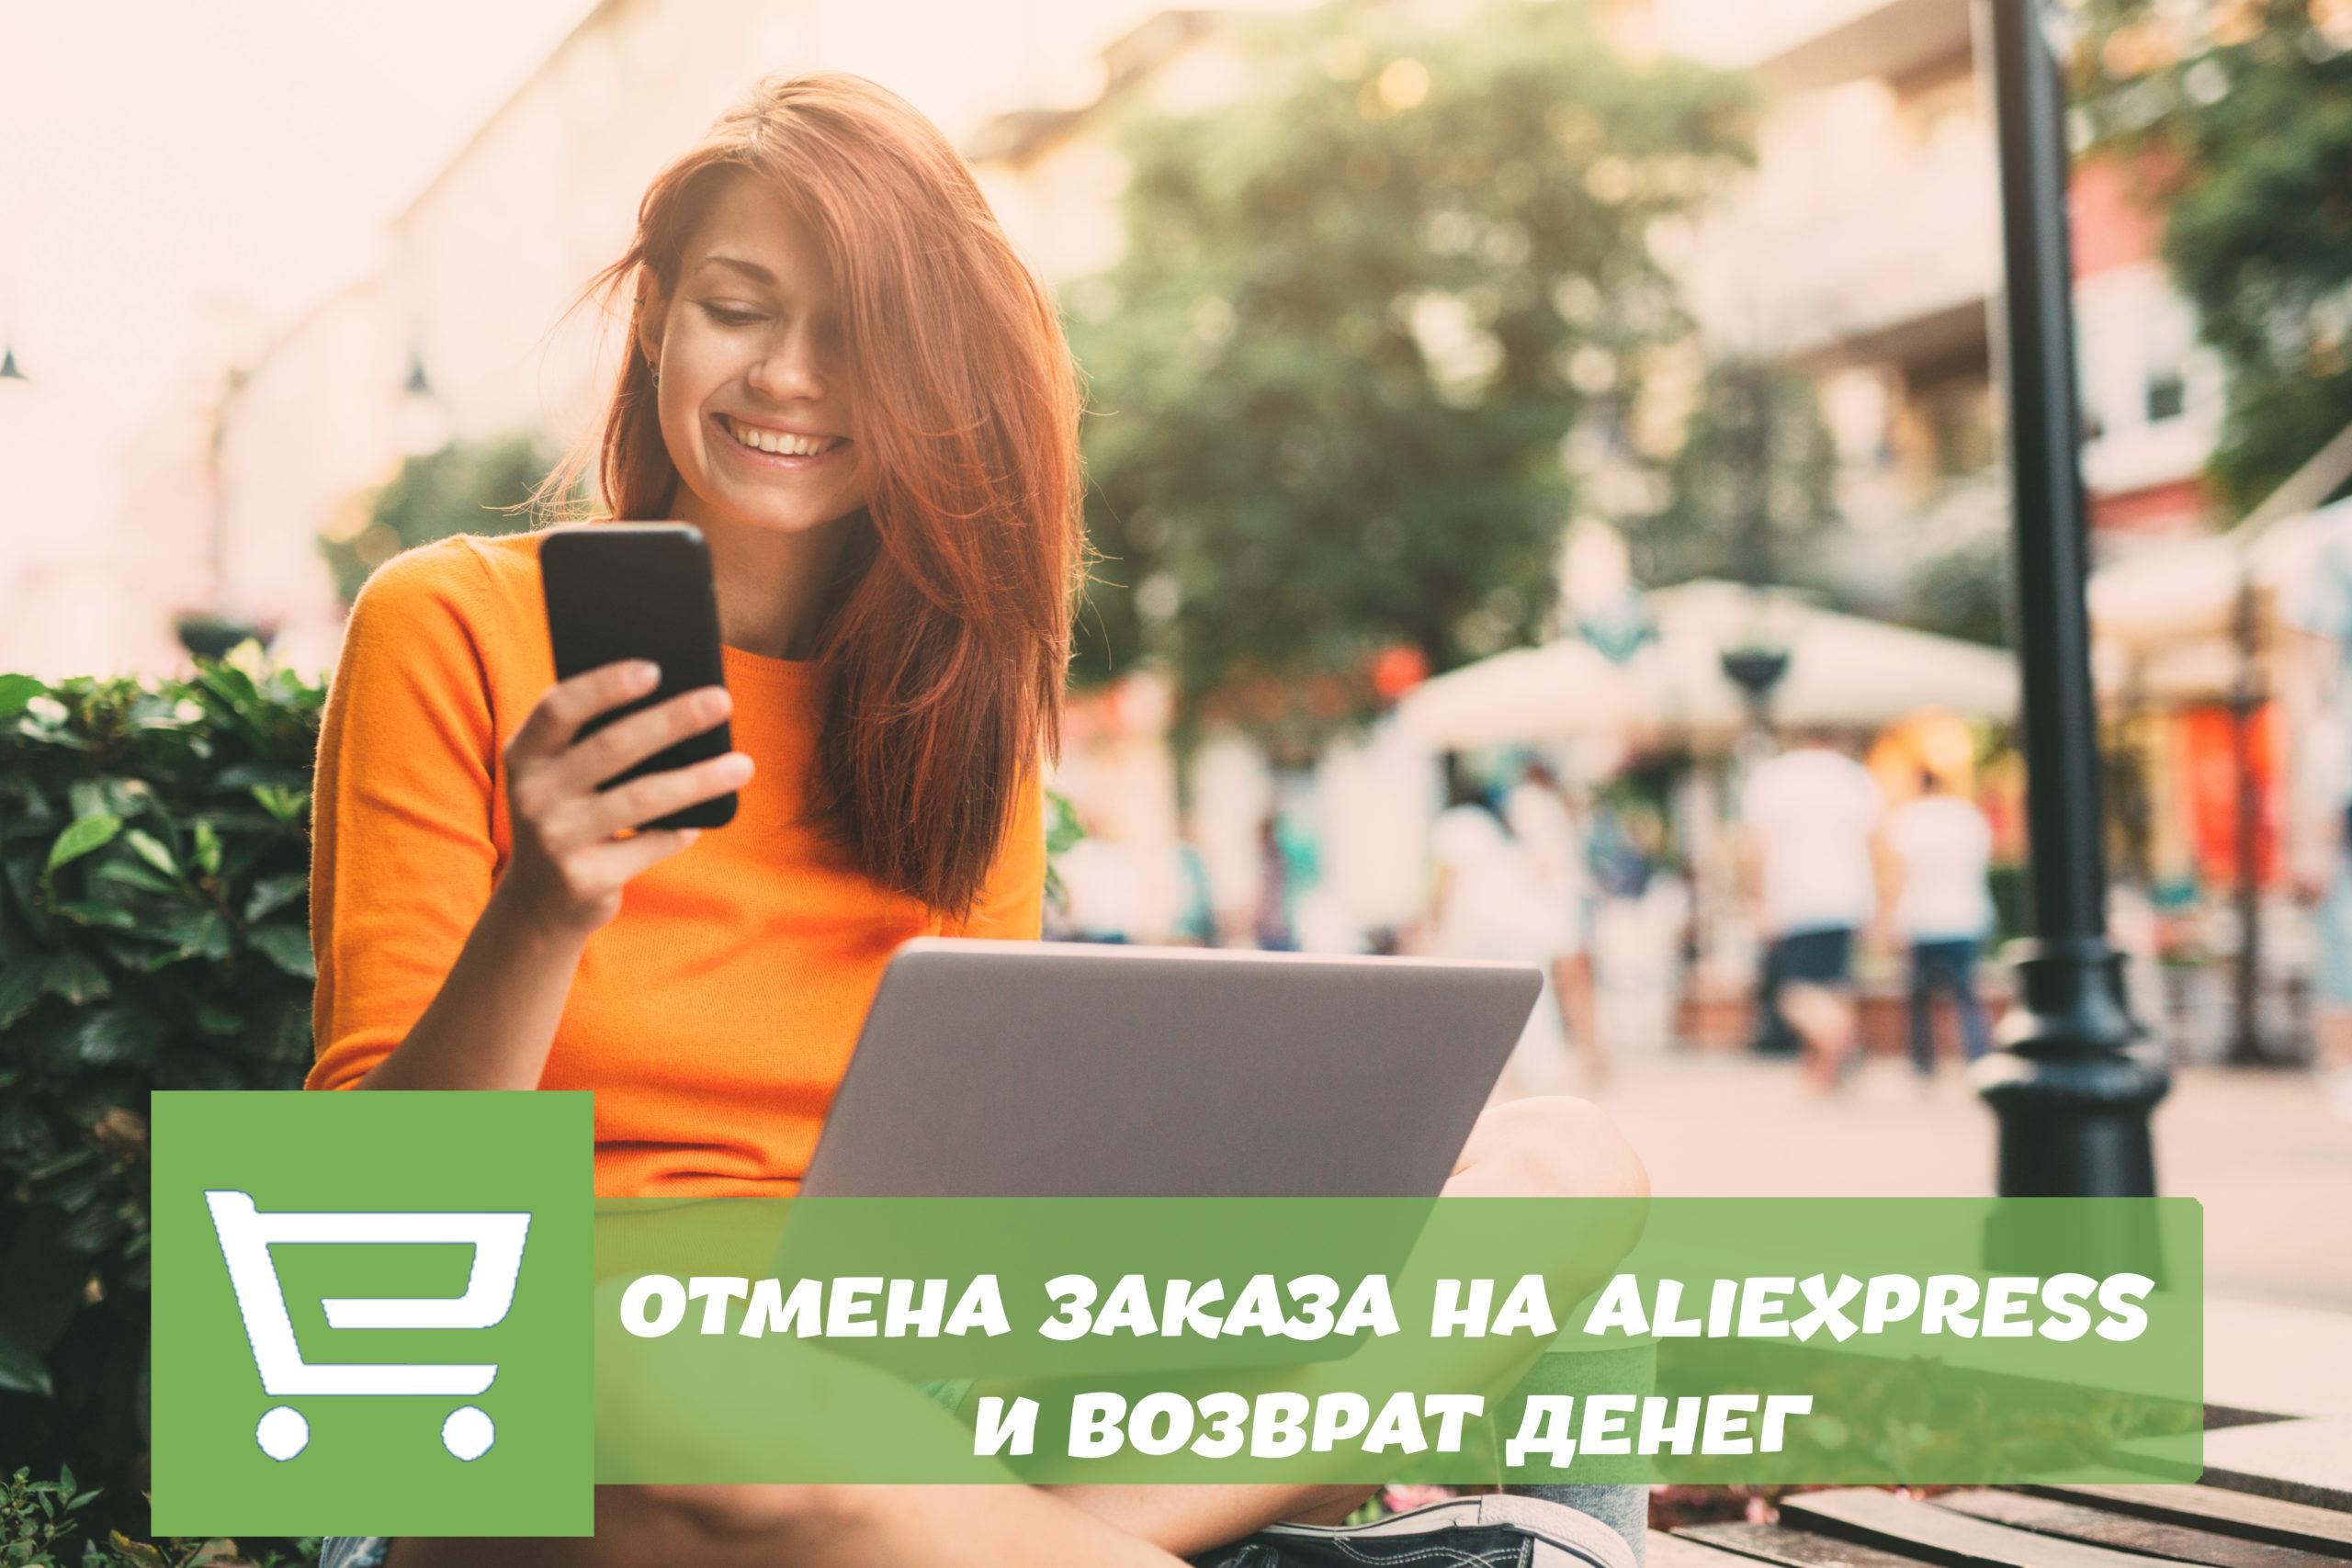 Отмена заказа на AliExpress и возврат денег